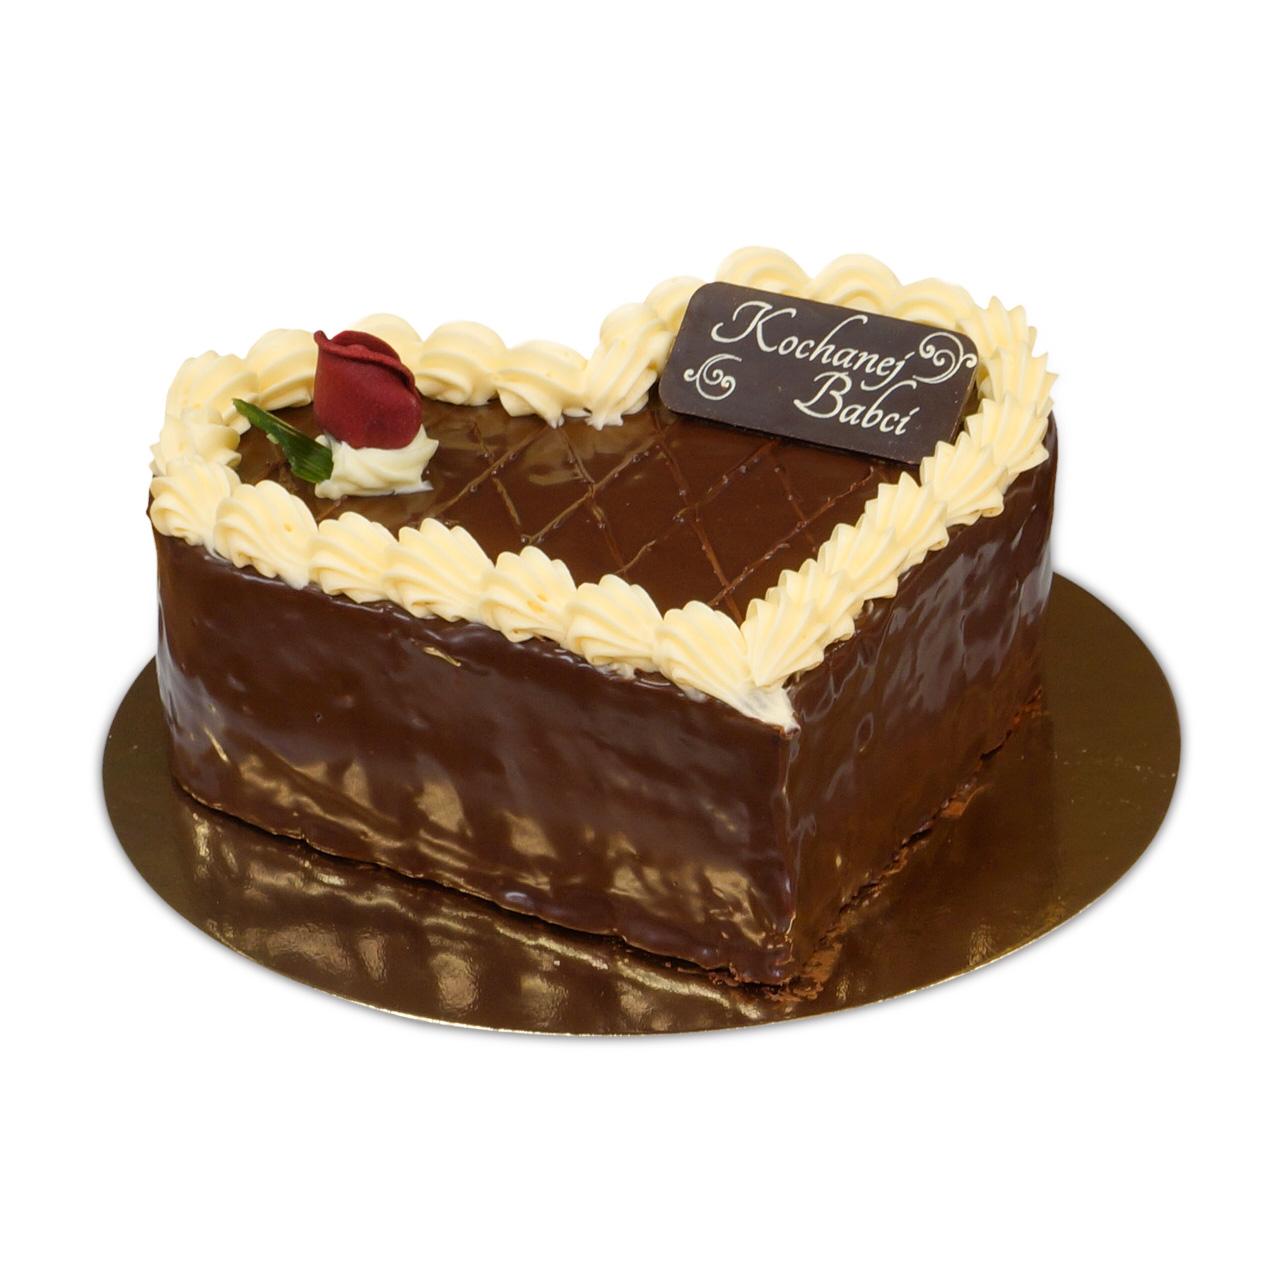 Tort w kształcie serce czekoladowy ostrów wielkopolski